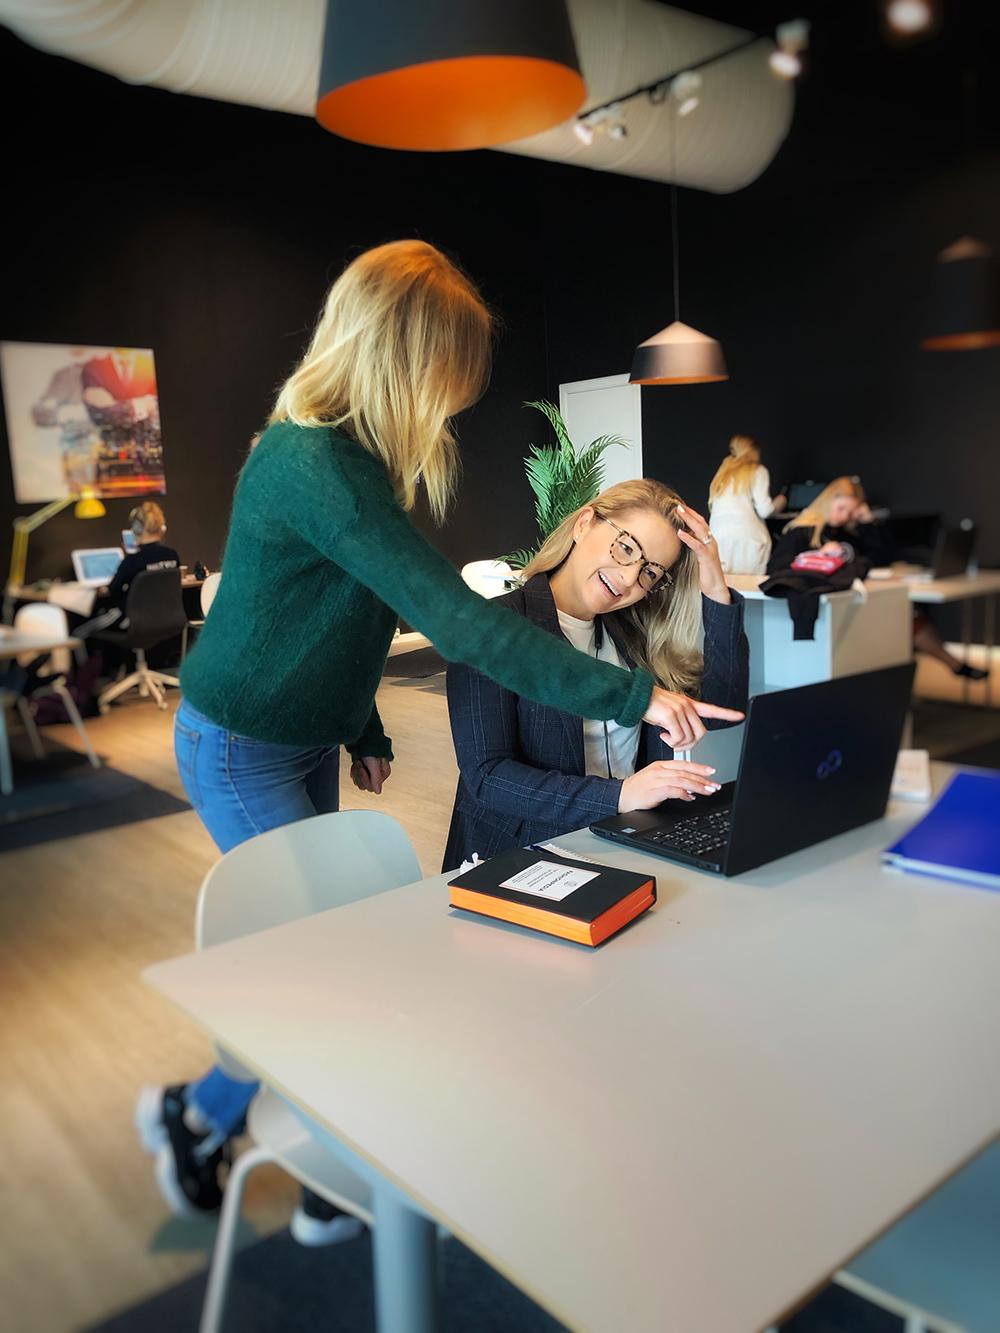 Sirkus Shopping har Flexiwork som er et kontorlandskap hvor du kan bestille deg kontorplass for en dag.